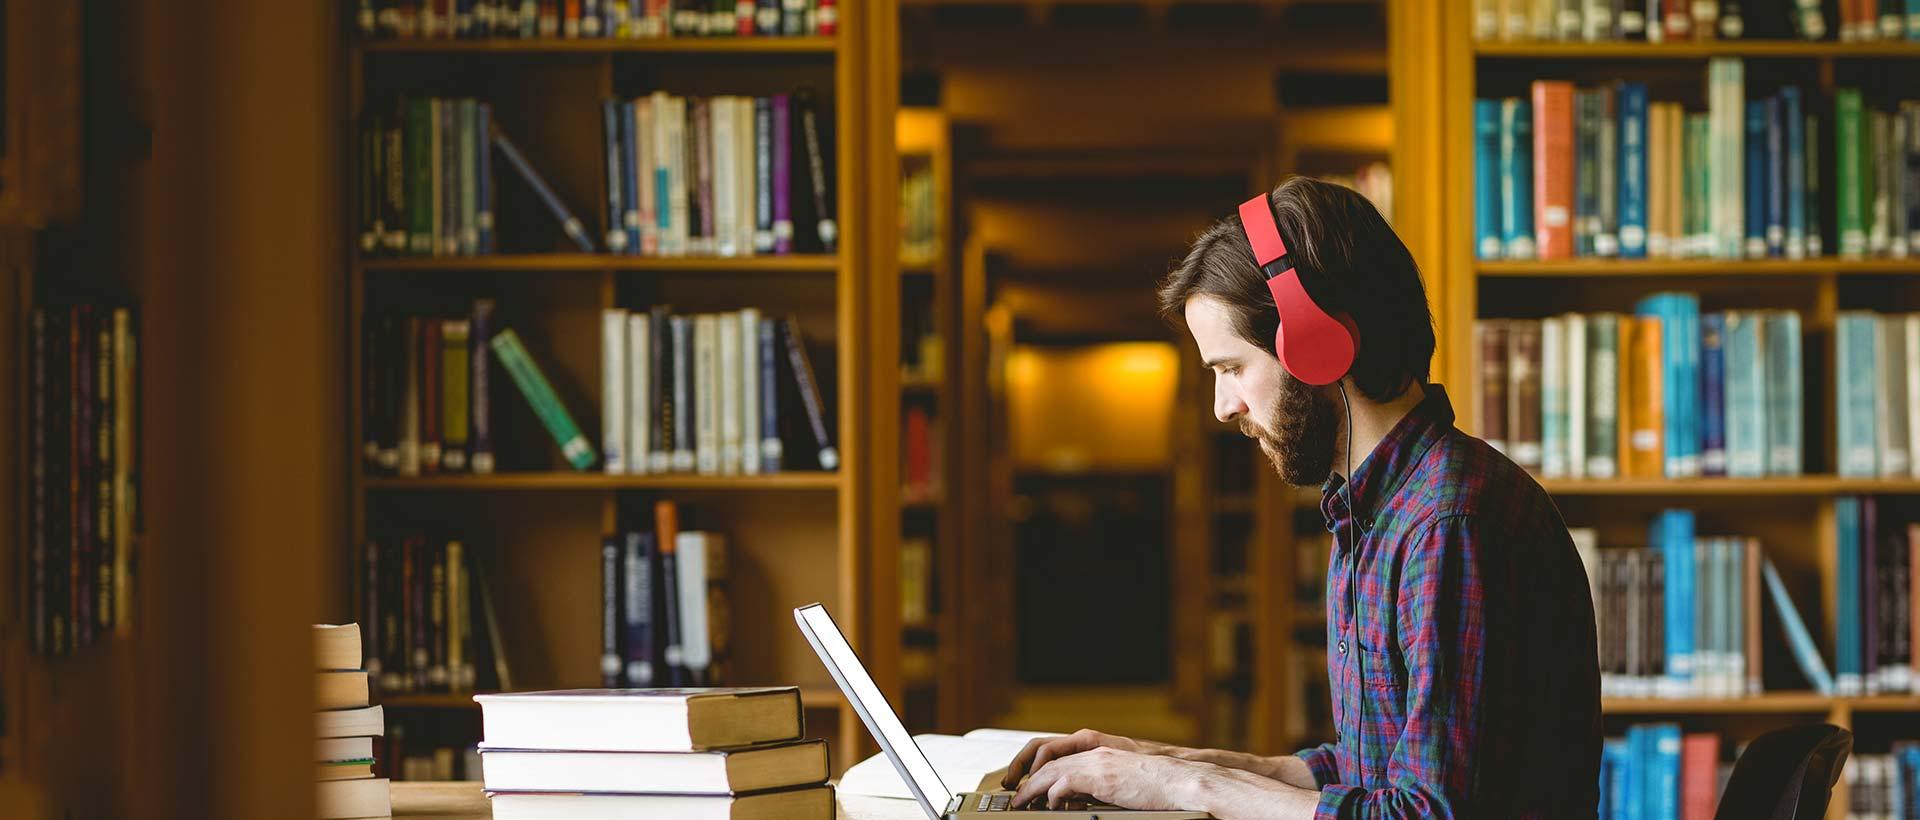 Innovative Postgraduate Program